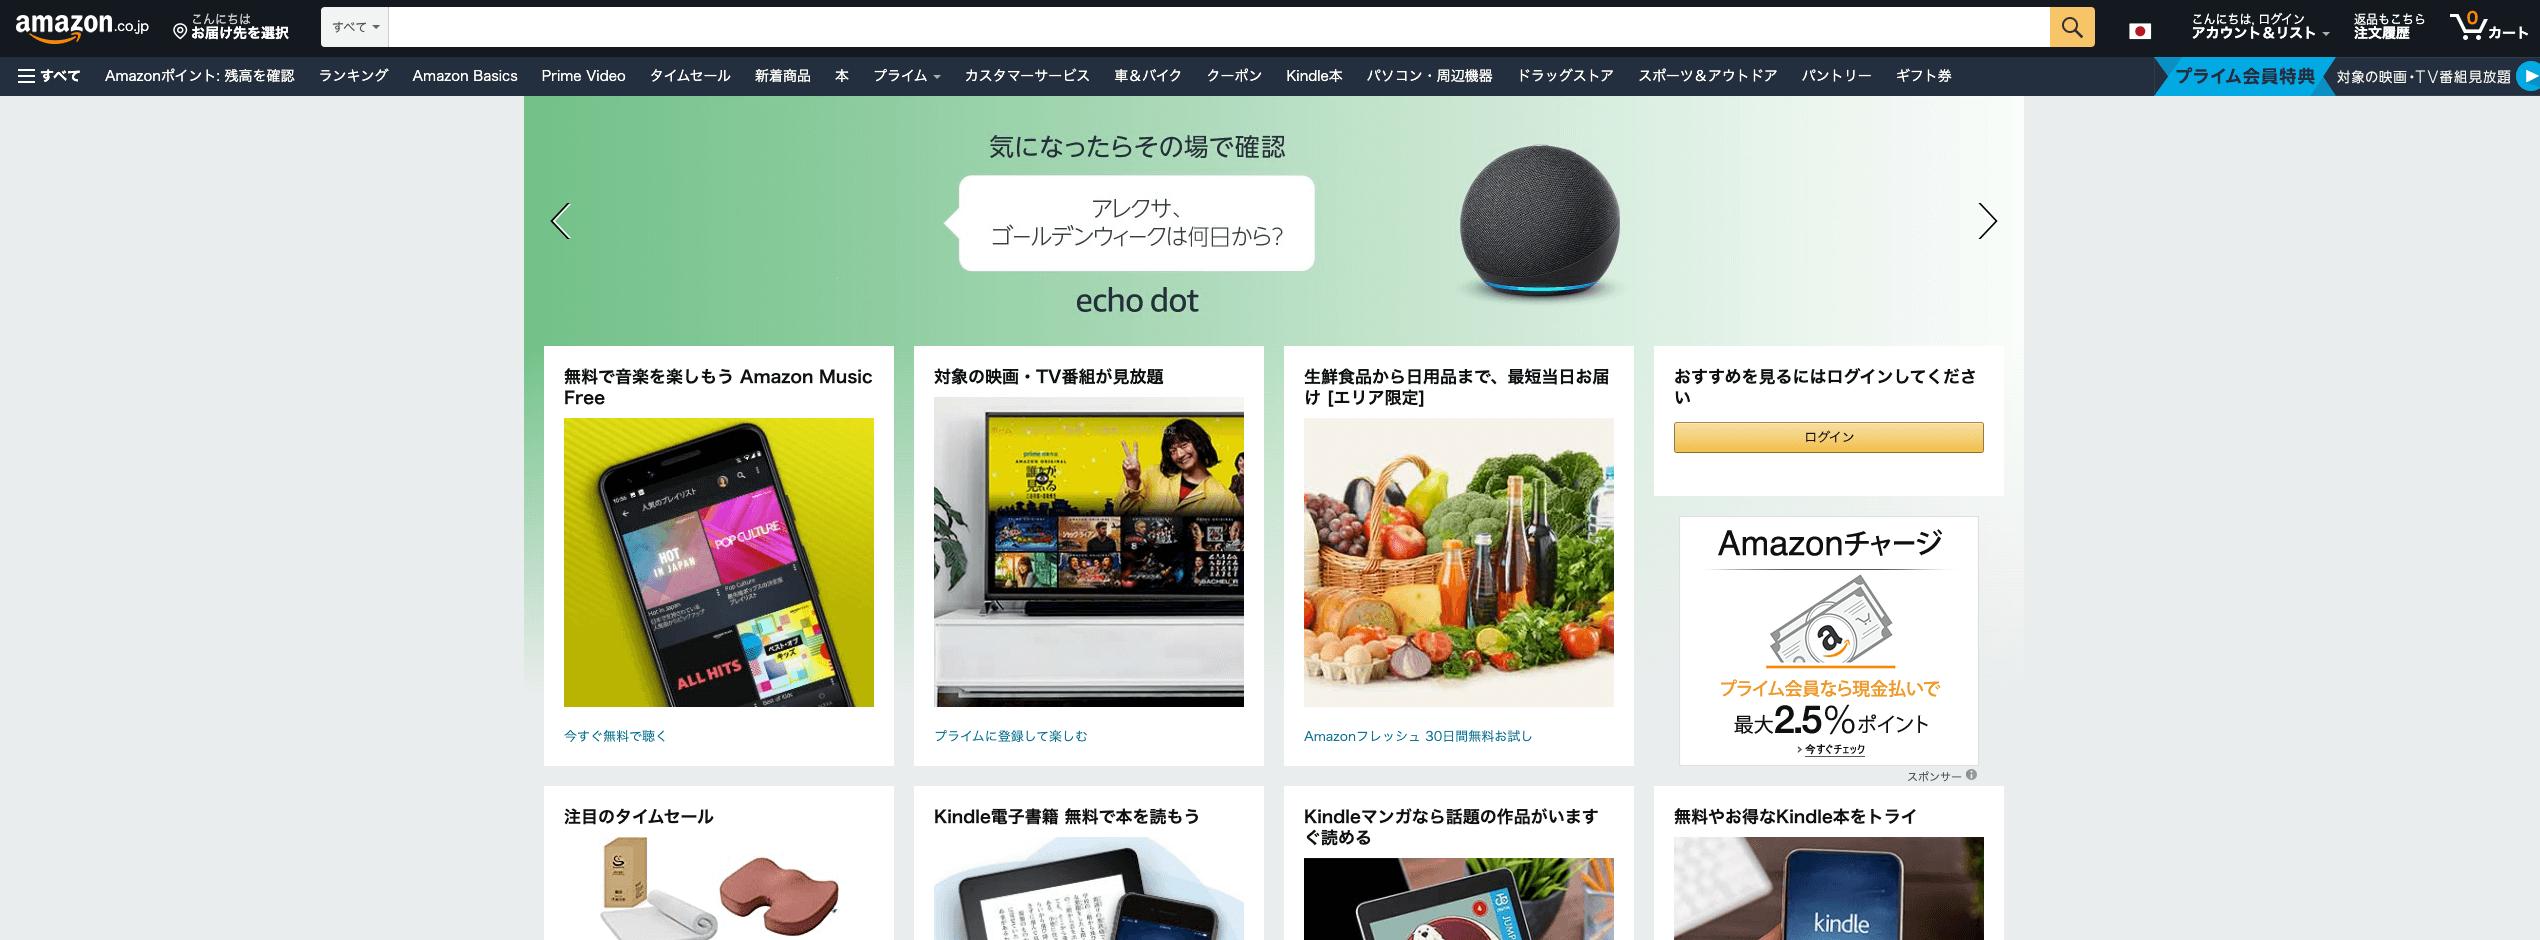 Amazonで商品を購入する